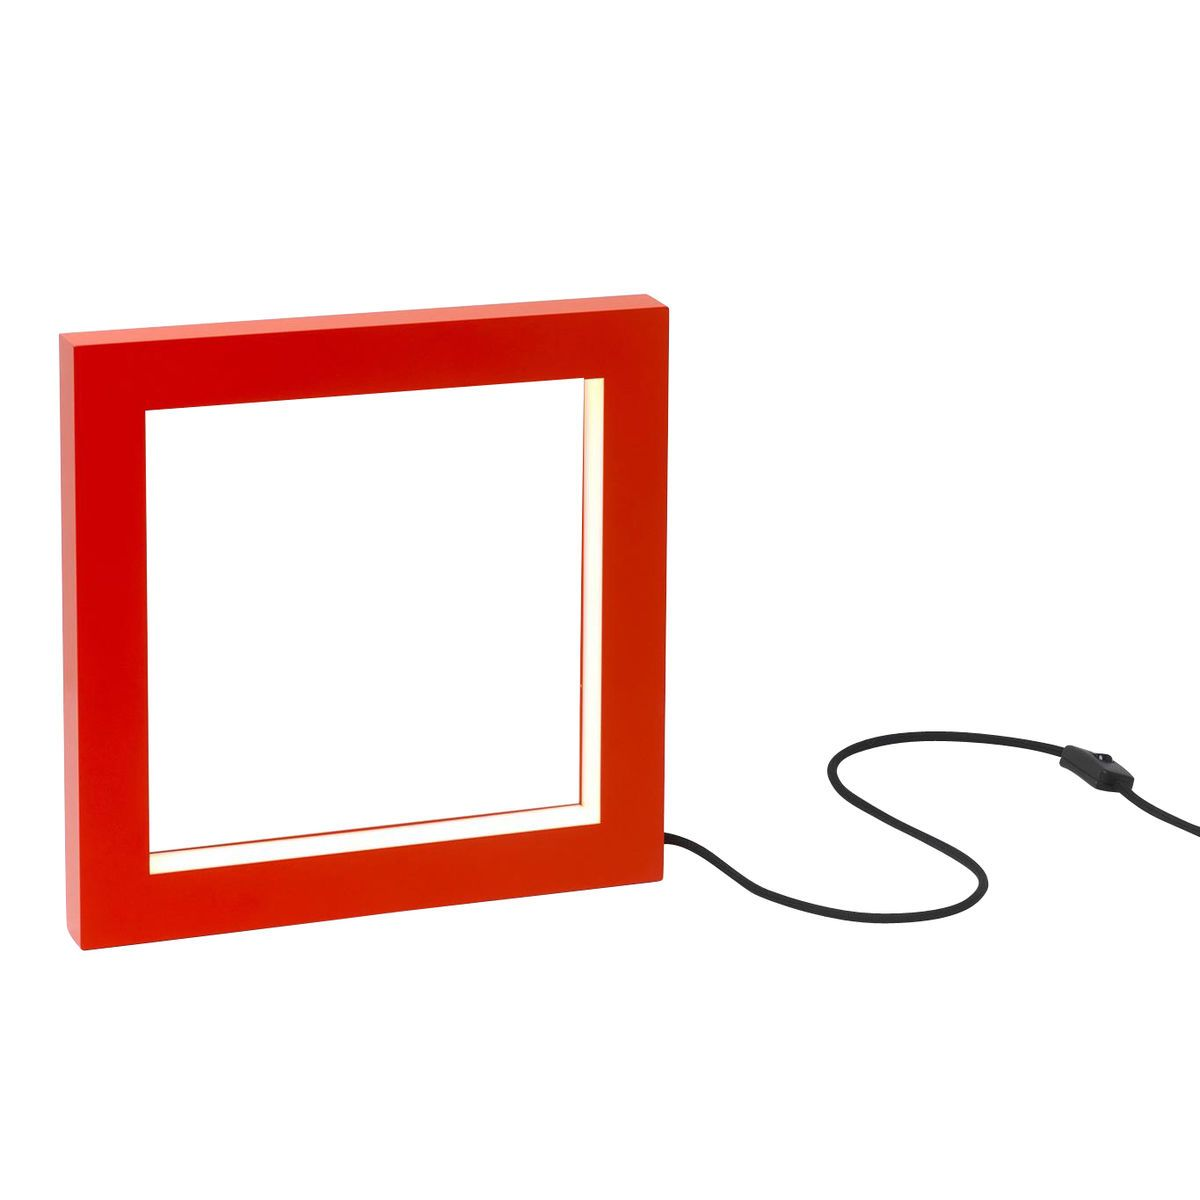 frame lampe cadre led sch nbuch. Black Bedroom Furniture Sets. Home Design Ideas